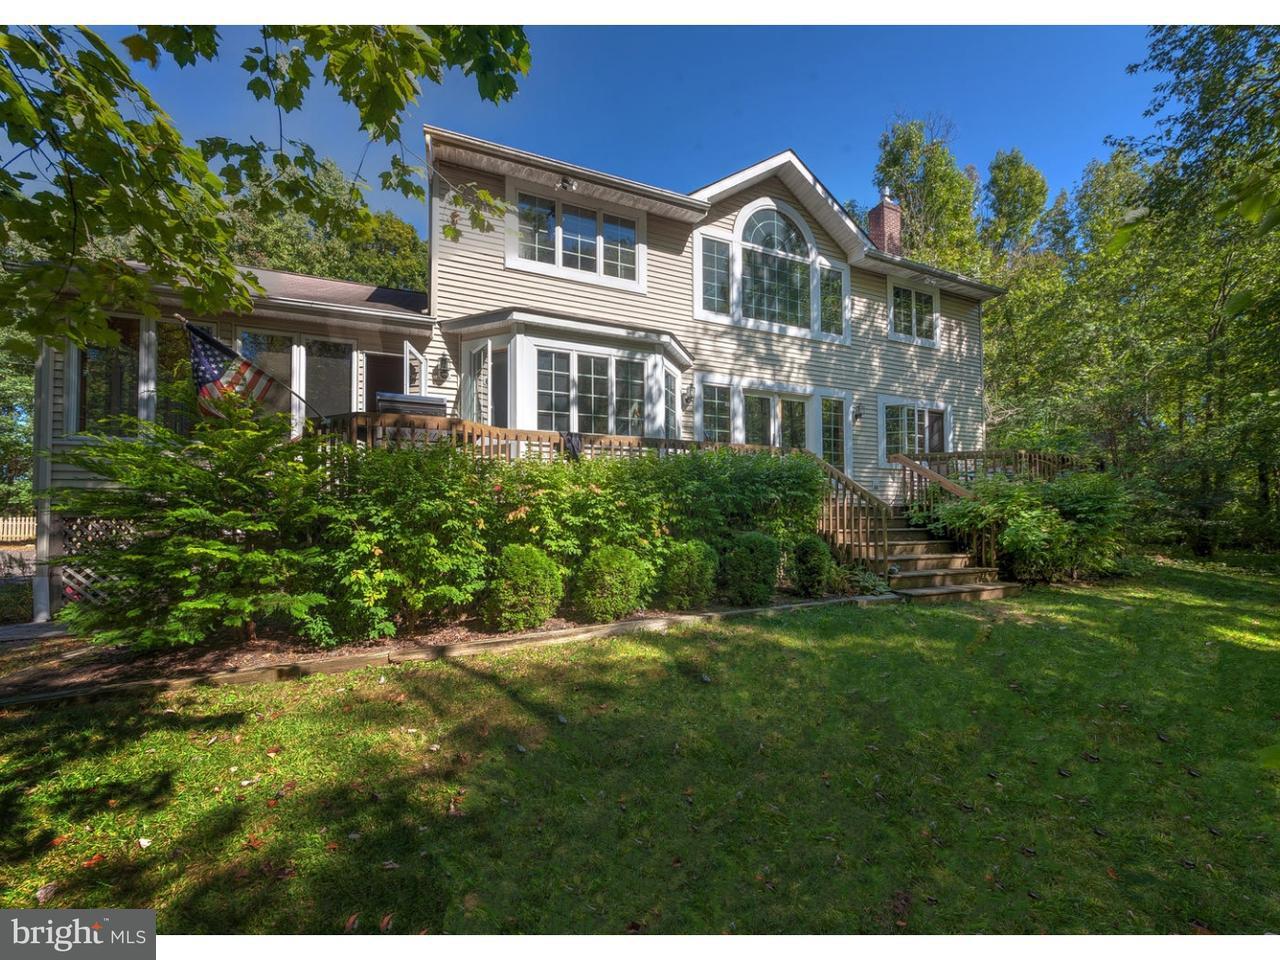 一戸建て のために 売買 アット 384 FRIENDSHIP Road Clarksboro, ニュージャージー 08020 アメリカ合衆国